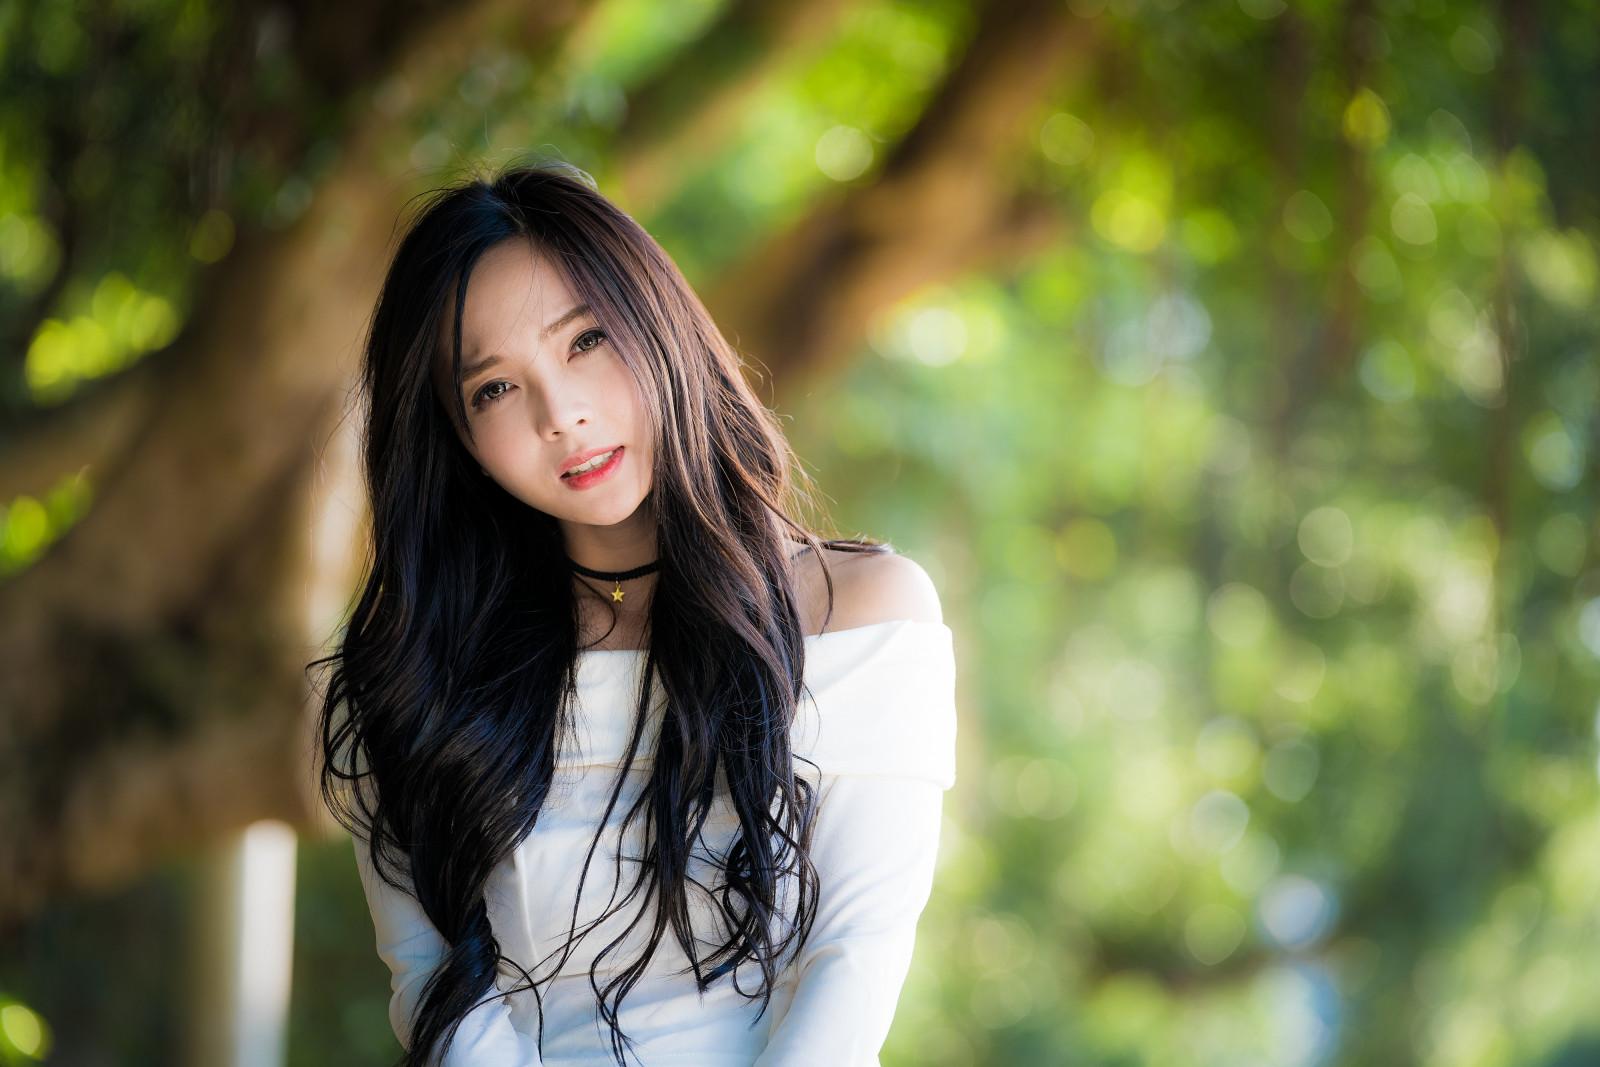 Такие милые китаянки фото